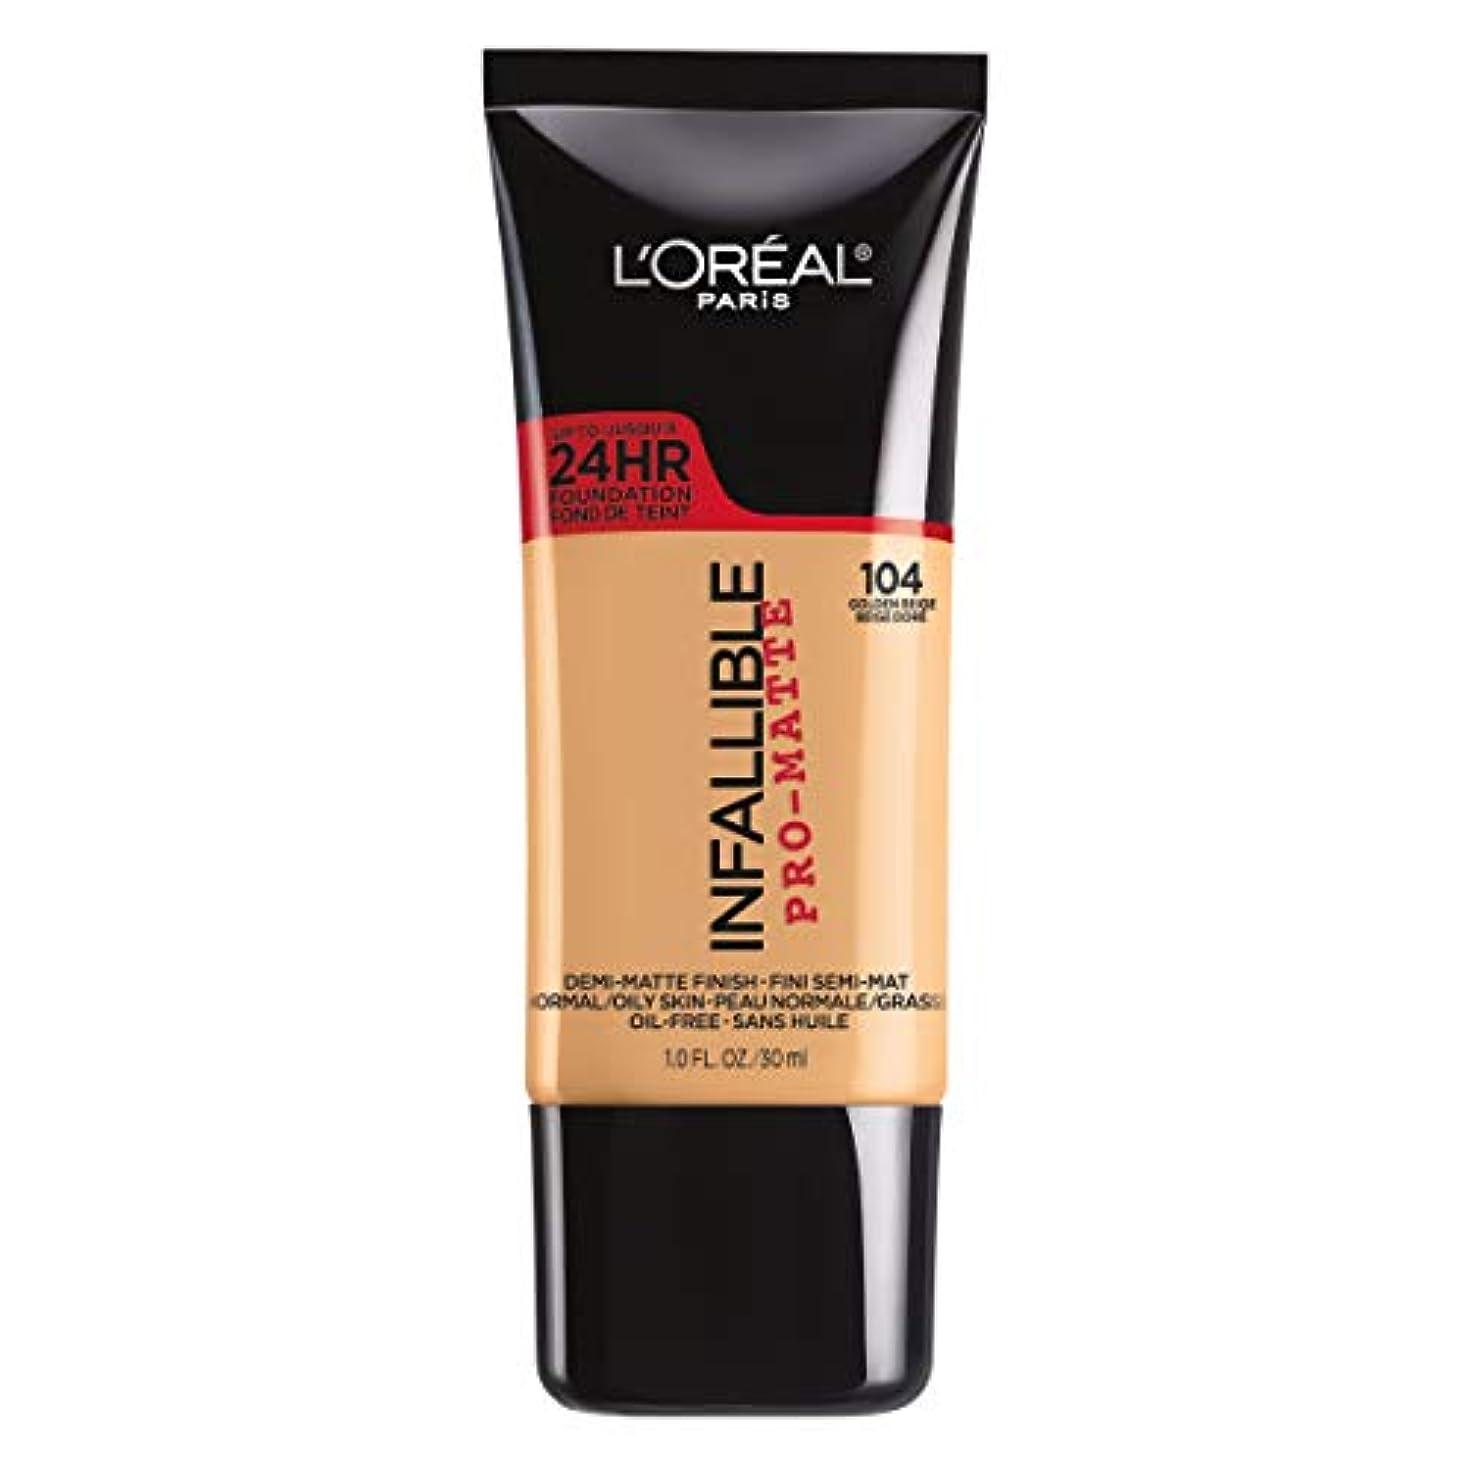 ジョージスティーブンソン意欲枯渇するL'Oreal Paris Infallible Pro-Matte Foundation Makeup, 104 Golden Beige, 1 fl. oz[並行輸入品]